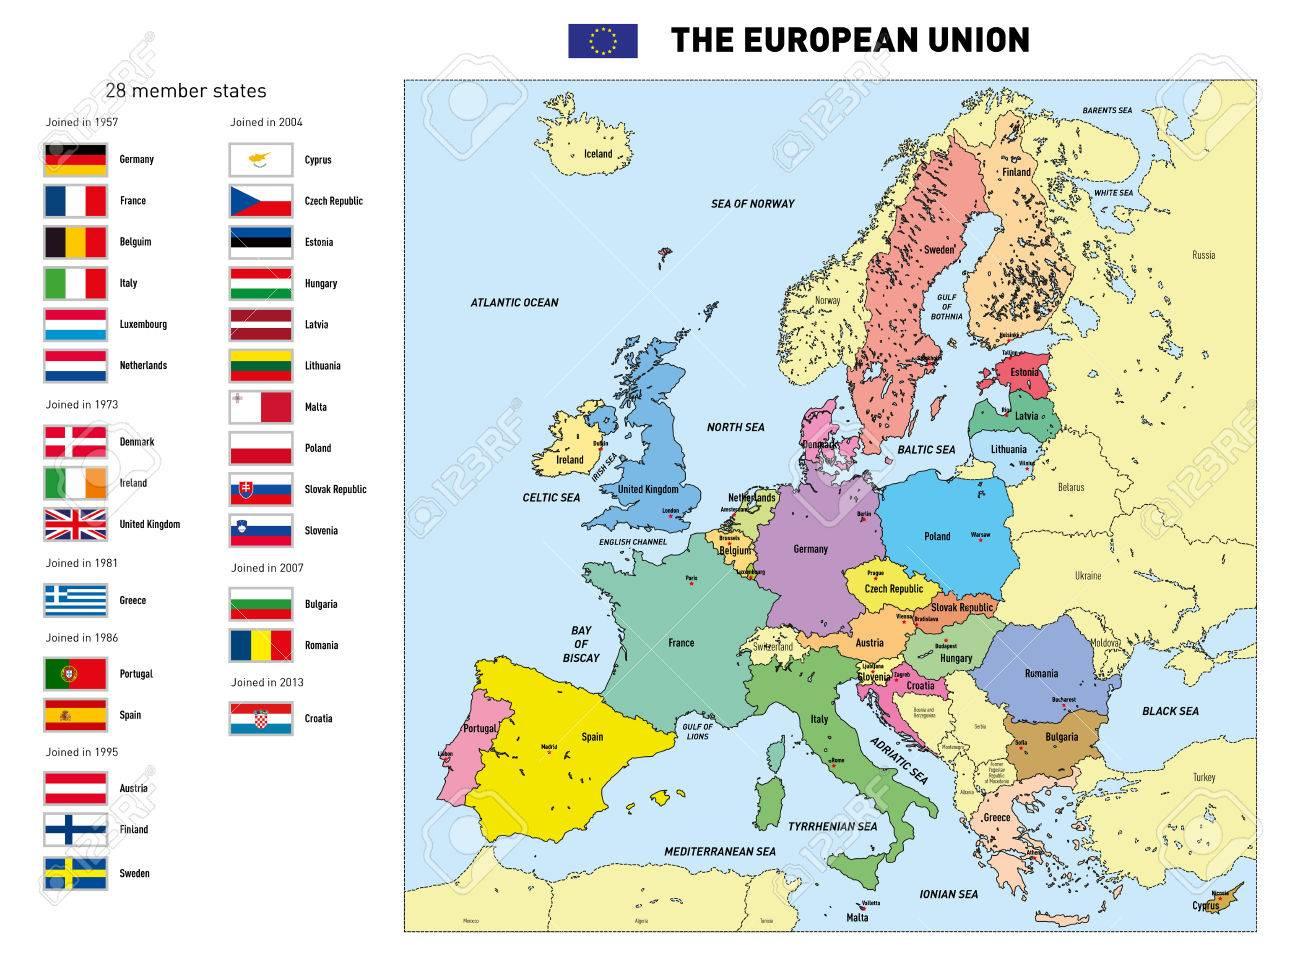 Vector Très Détaillée Carte Politique De L'union Européenne Avec Des  Drapeaux Et Capitales. Tous Les Éléments Sont Séparés Dans Des Couches concernant Carte Des Capitales De L Europe